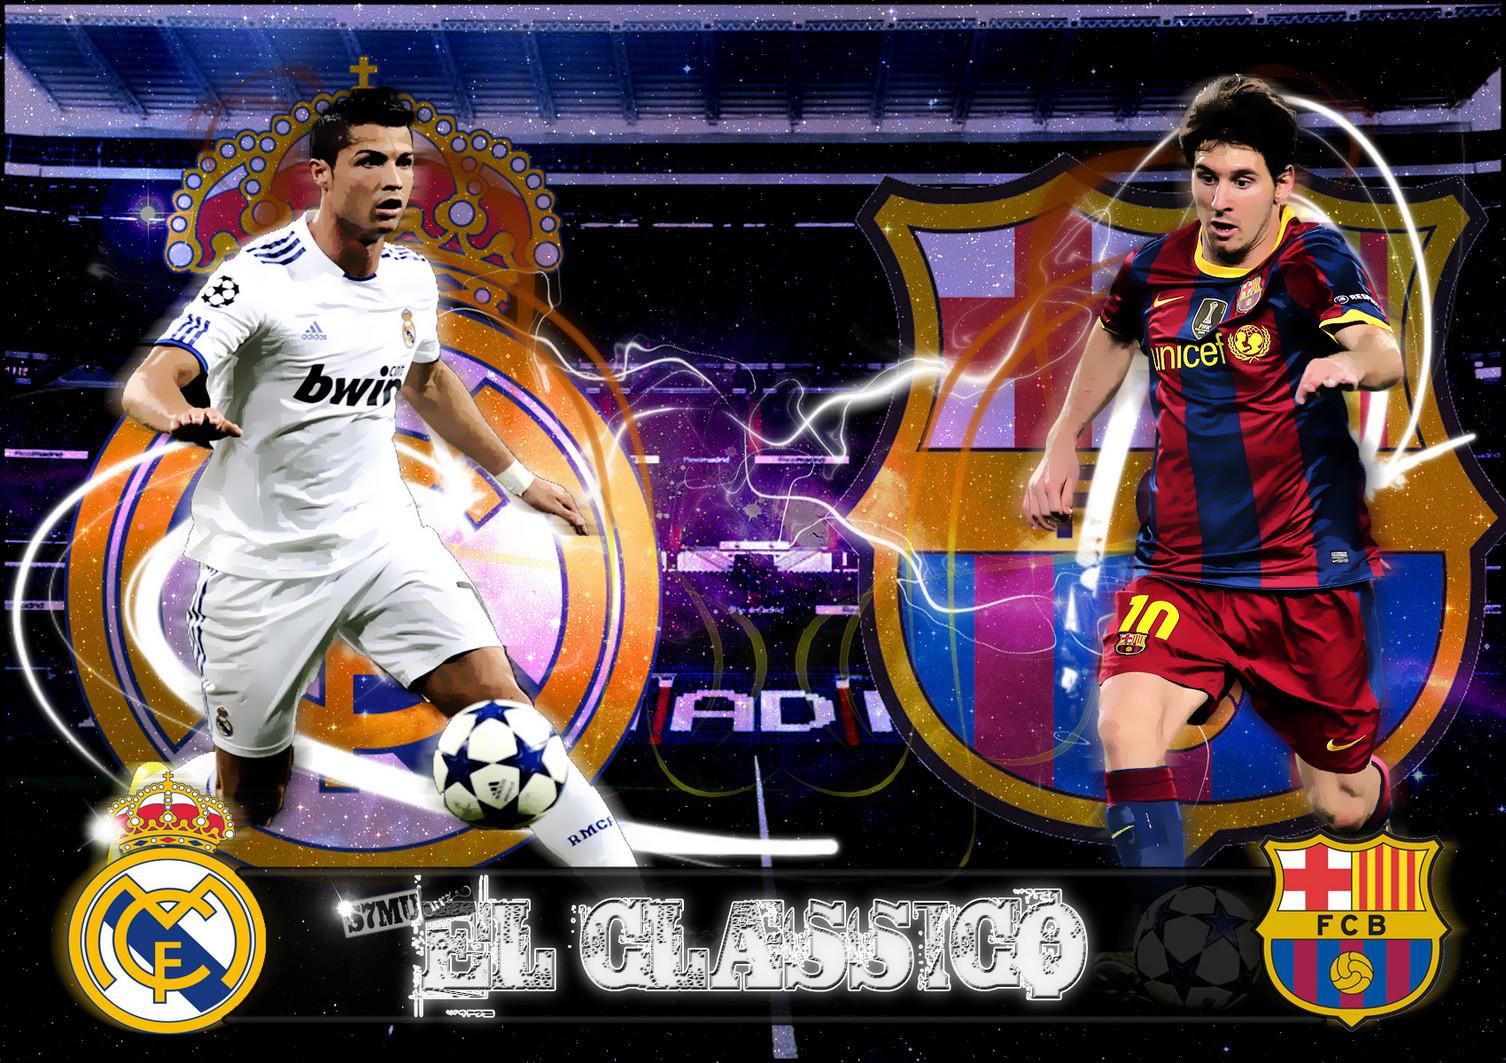 Kumpulan Gambar Meme Lucu Ronaldo Vs Messi DP BBM Lucu